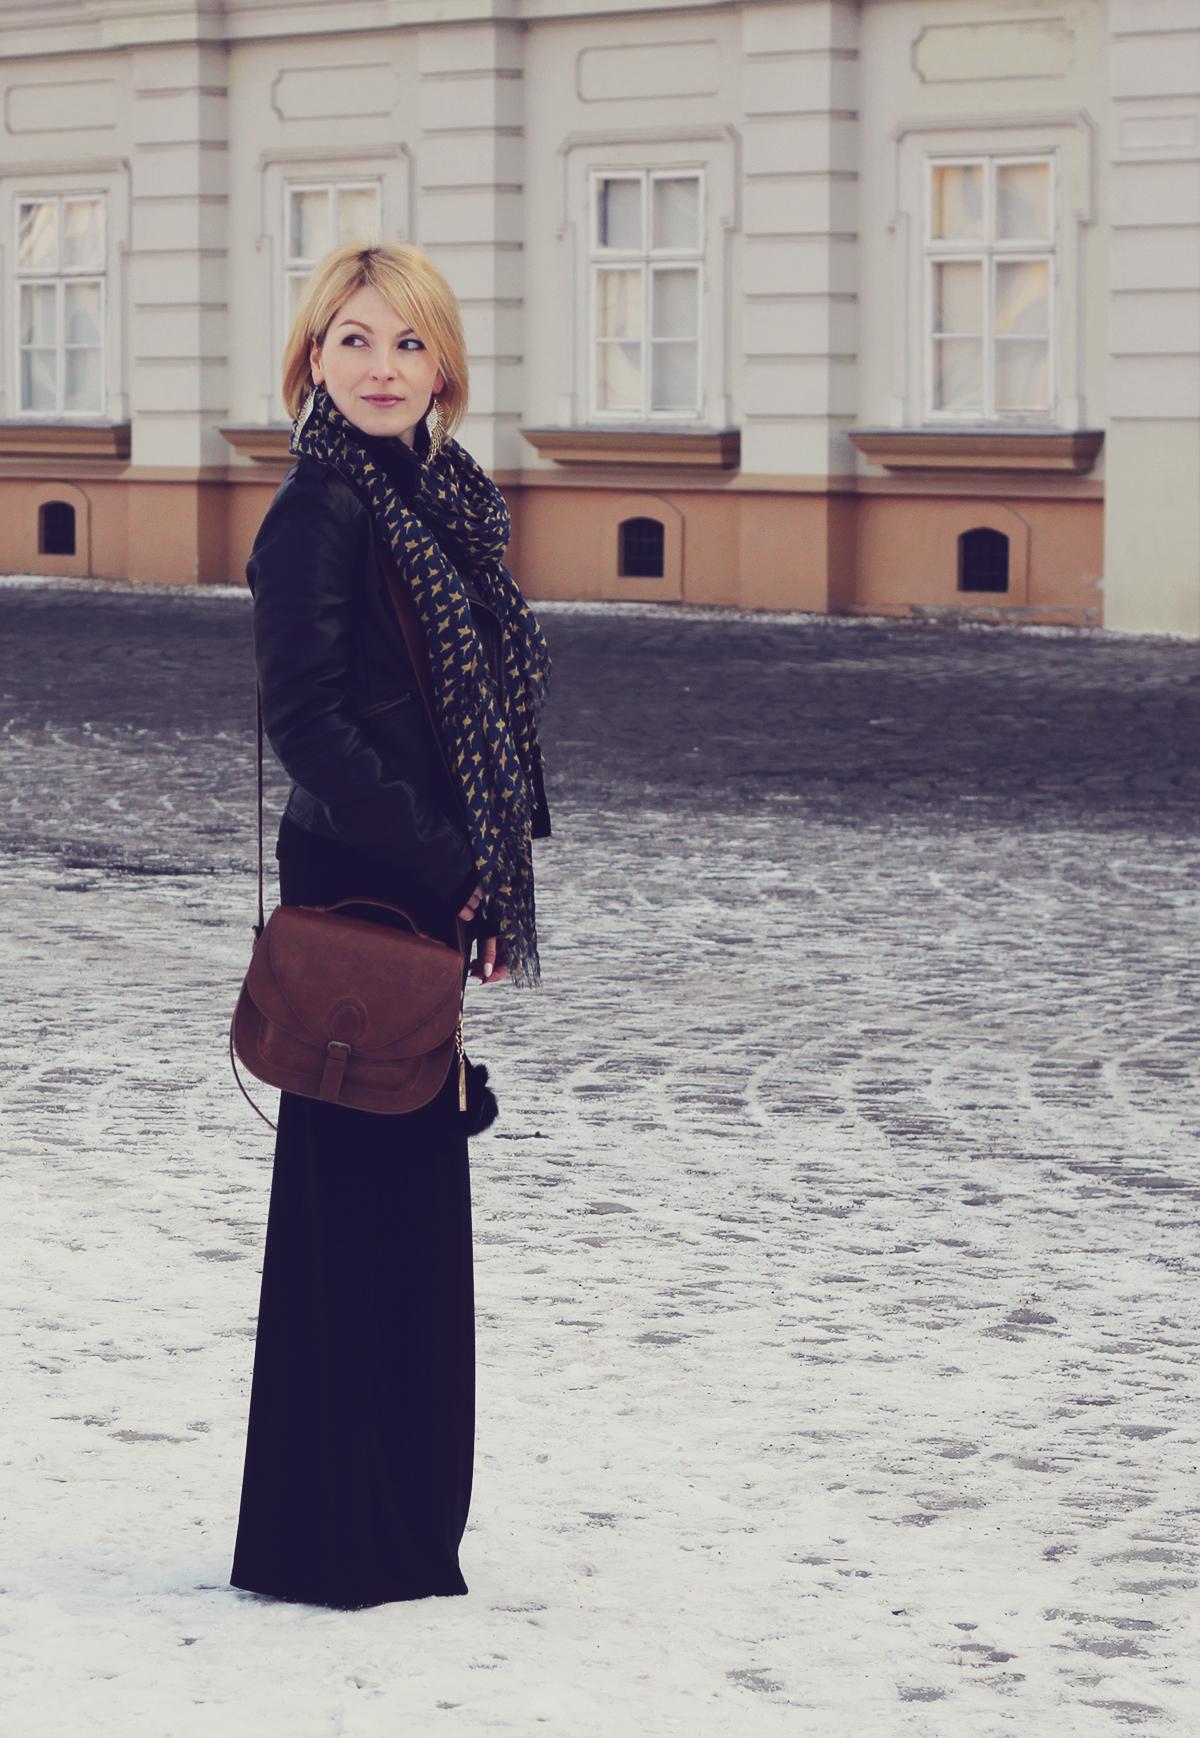 long black skirt and shoulder bag